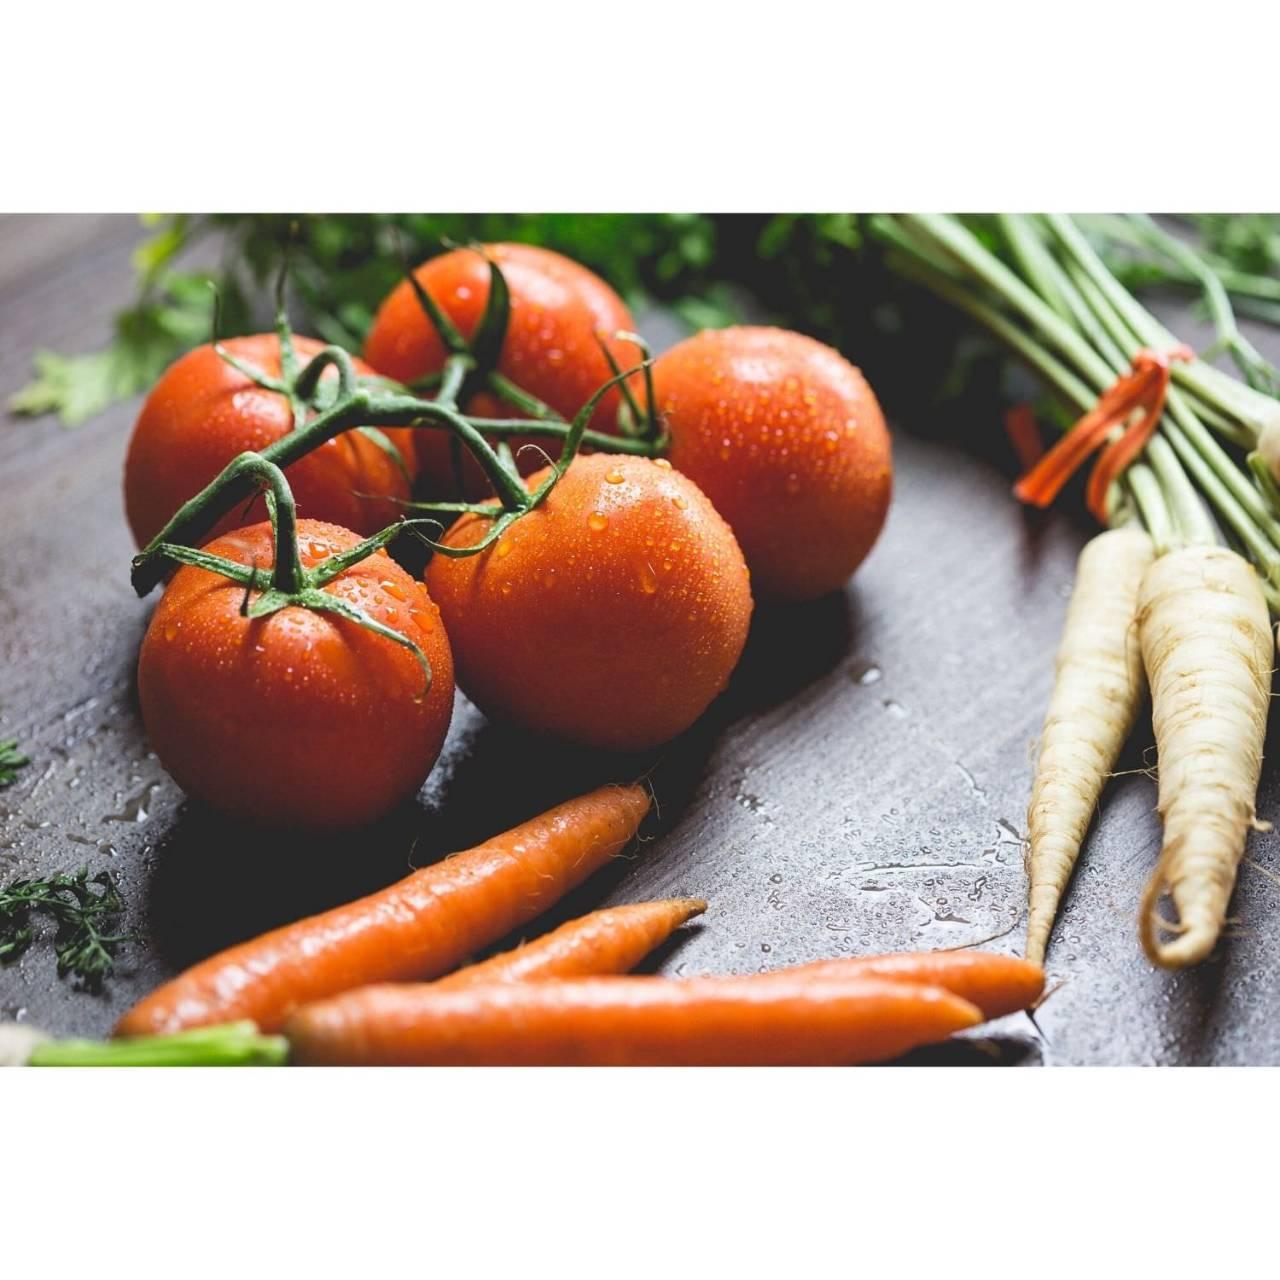 地産地消にこだわる!産直の新鮮野菜